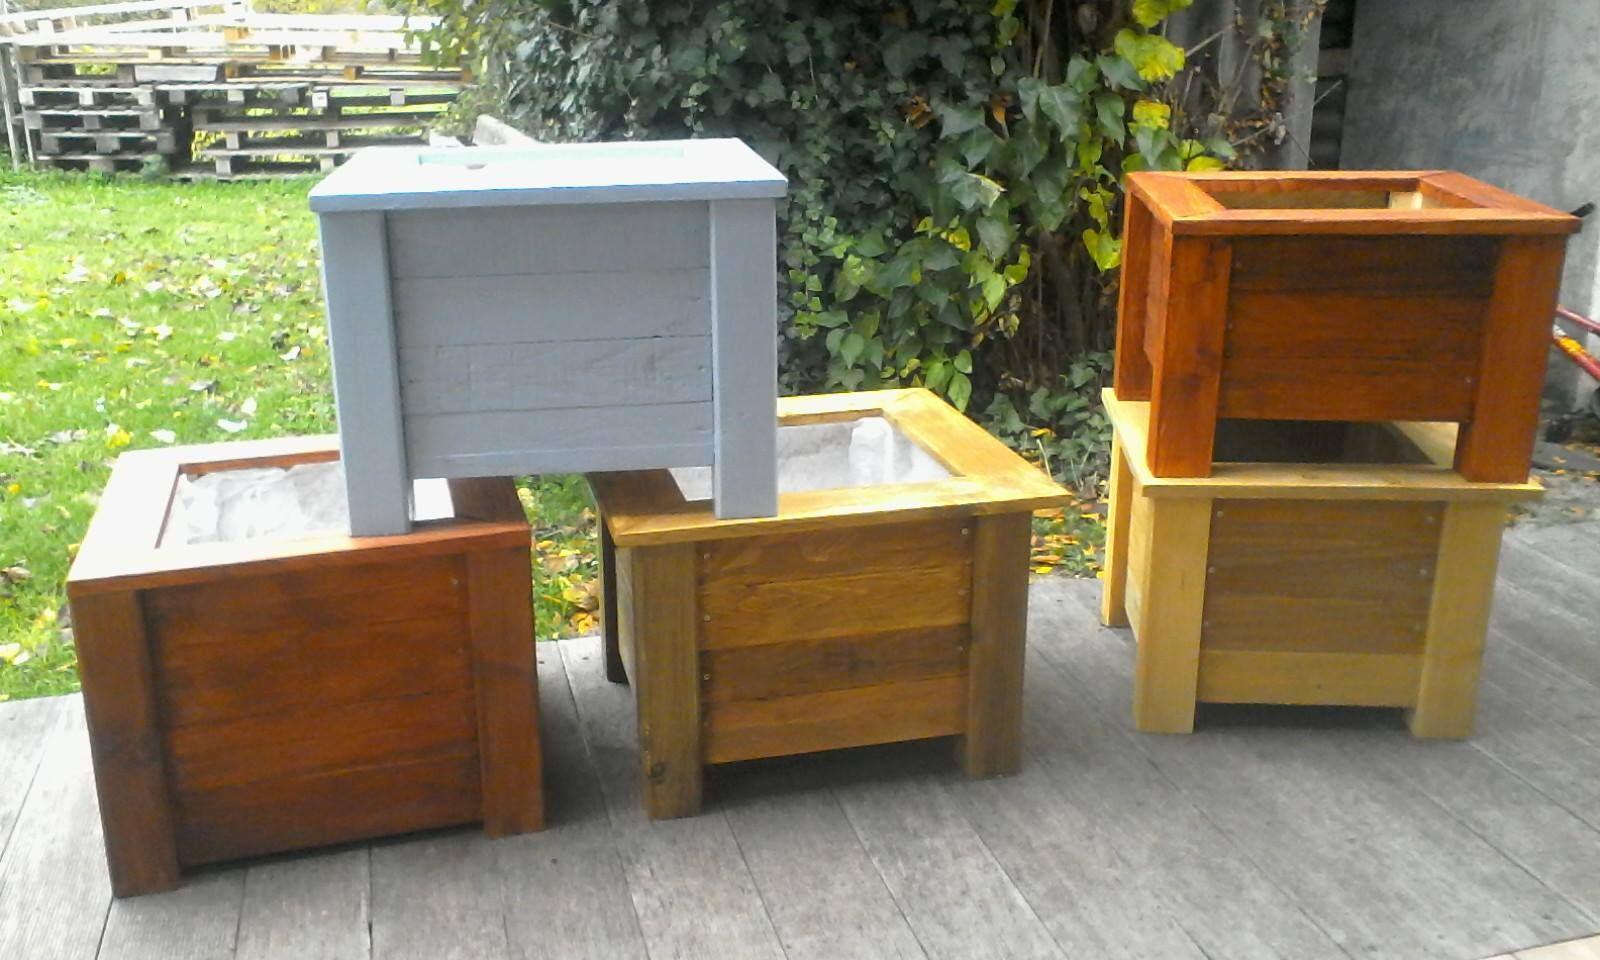 Jardinières en bois recyclé, différentes taille et couleurs.